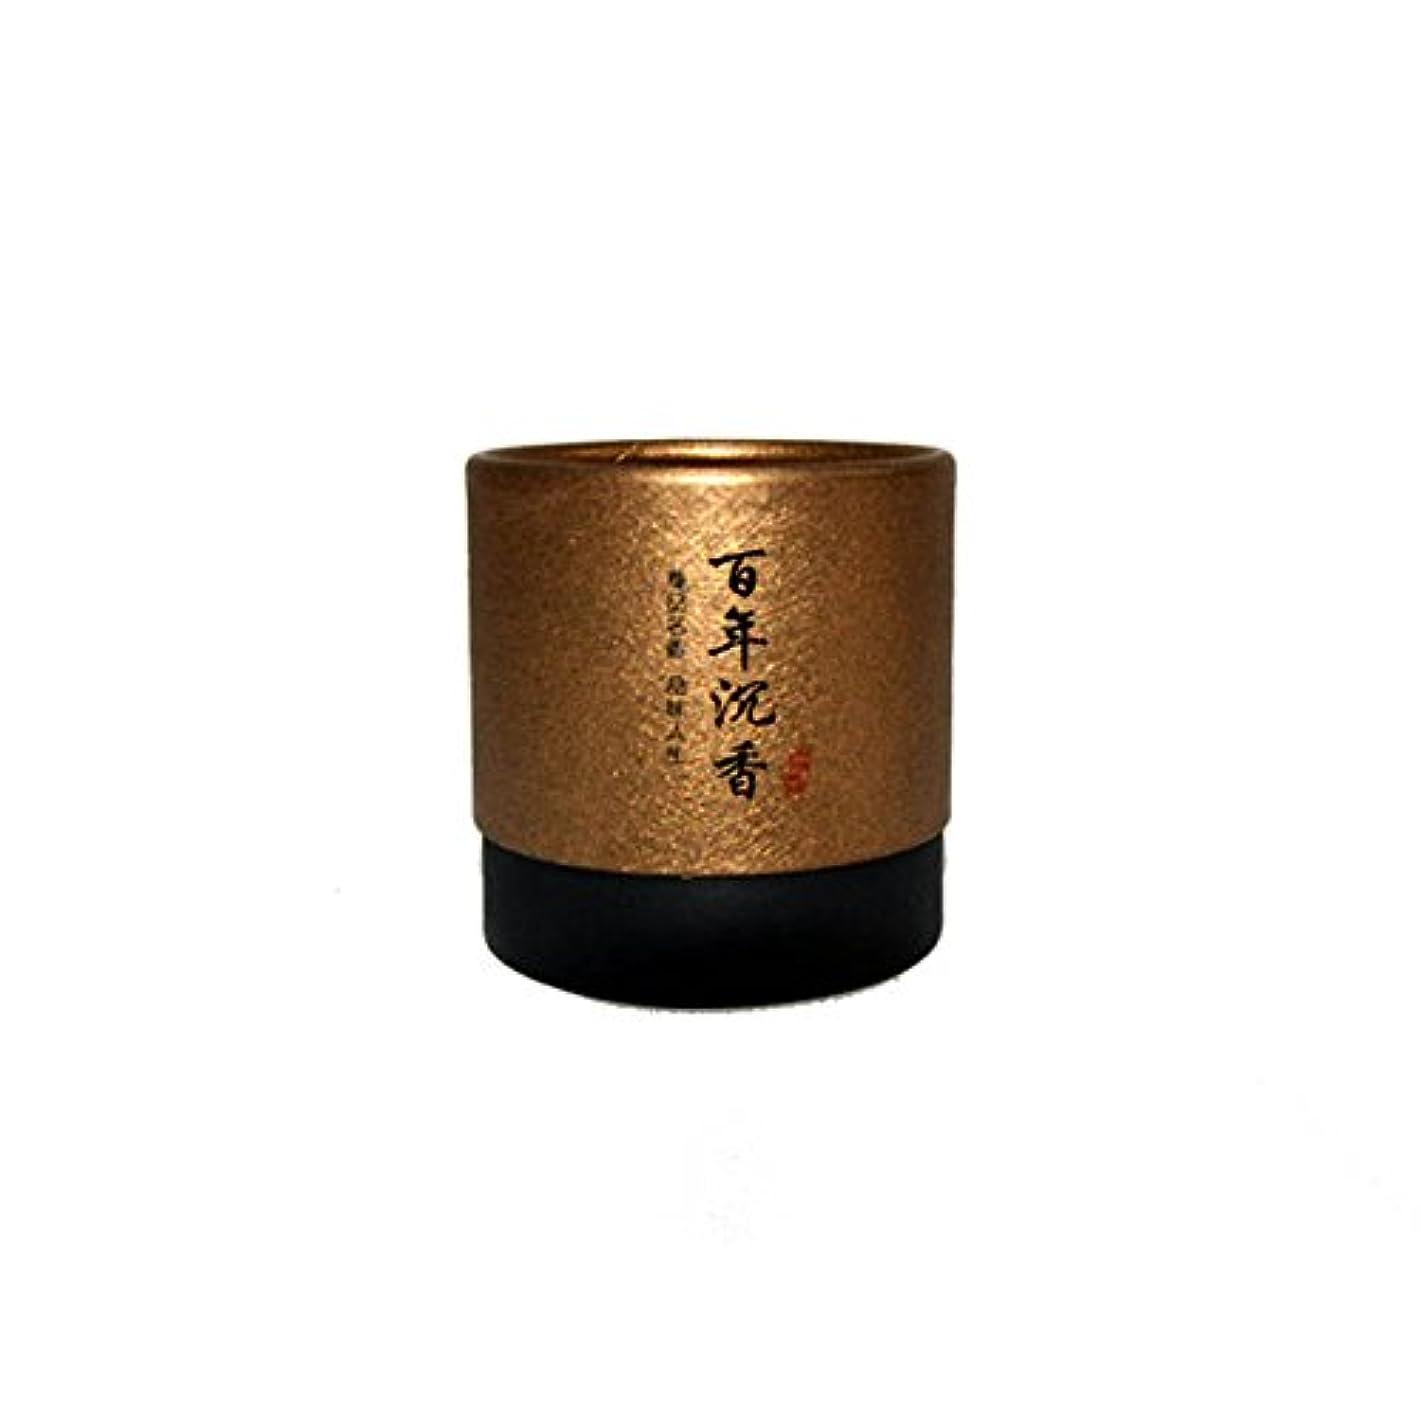 印象的な申込み支援天然仏香; ビャクダン; きゃら;じんこう;線香;神具; 仏具; 一护の健康; マッサージを缓める; あん摩する